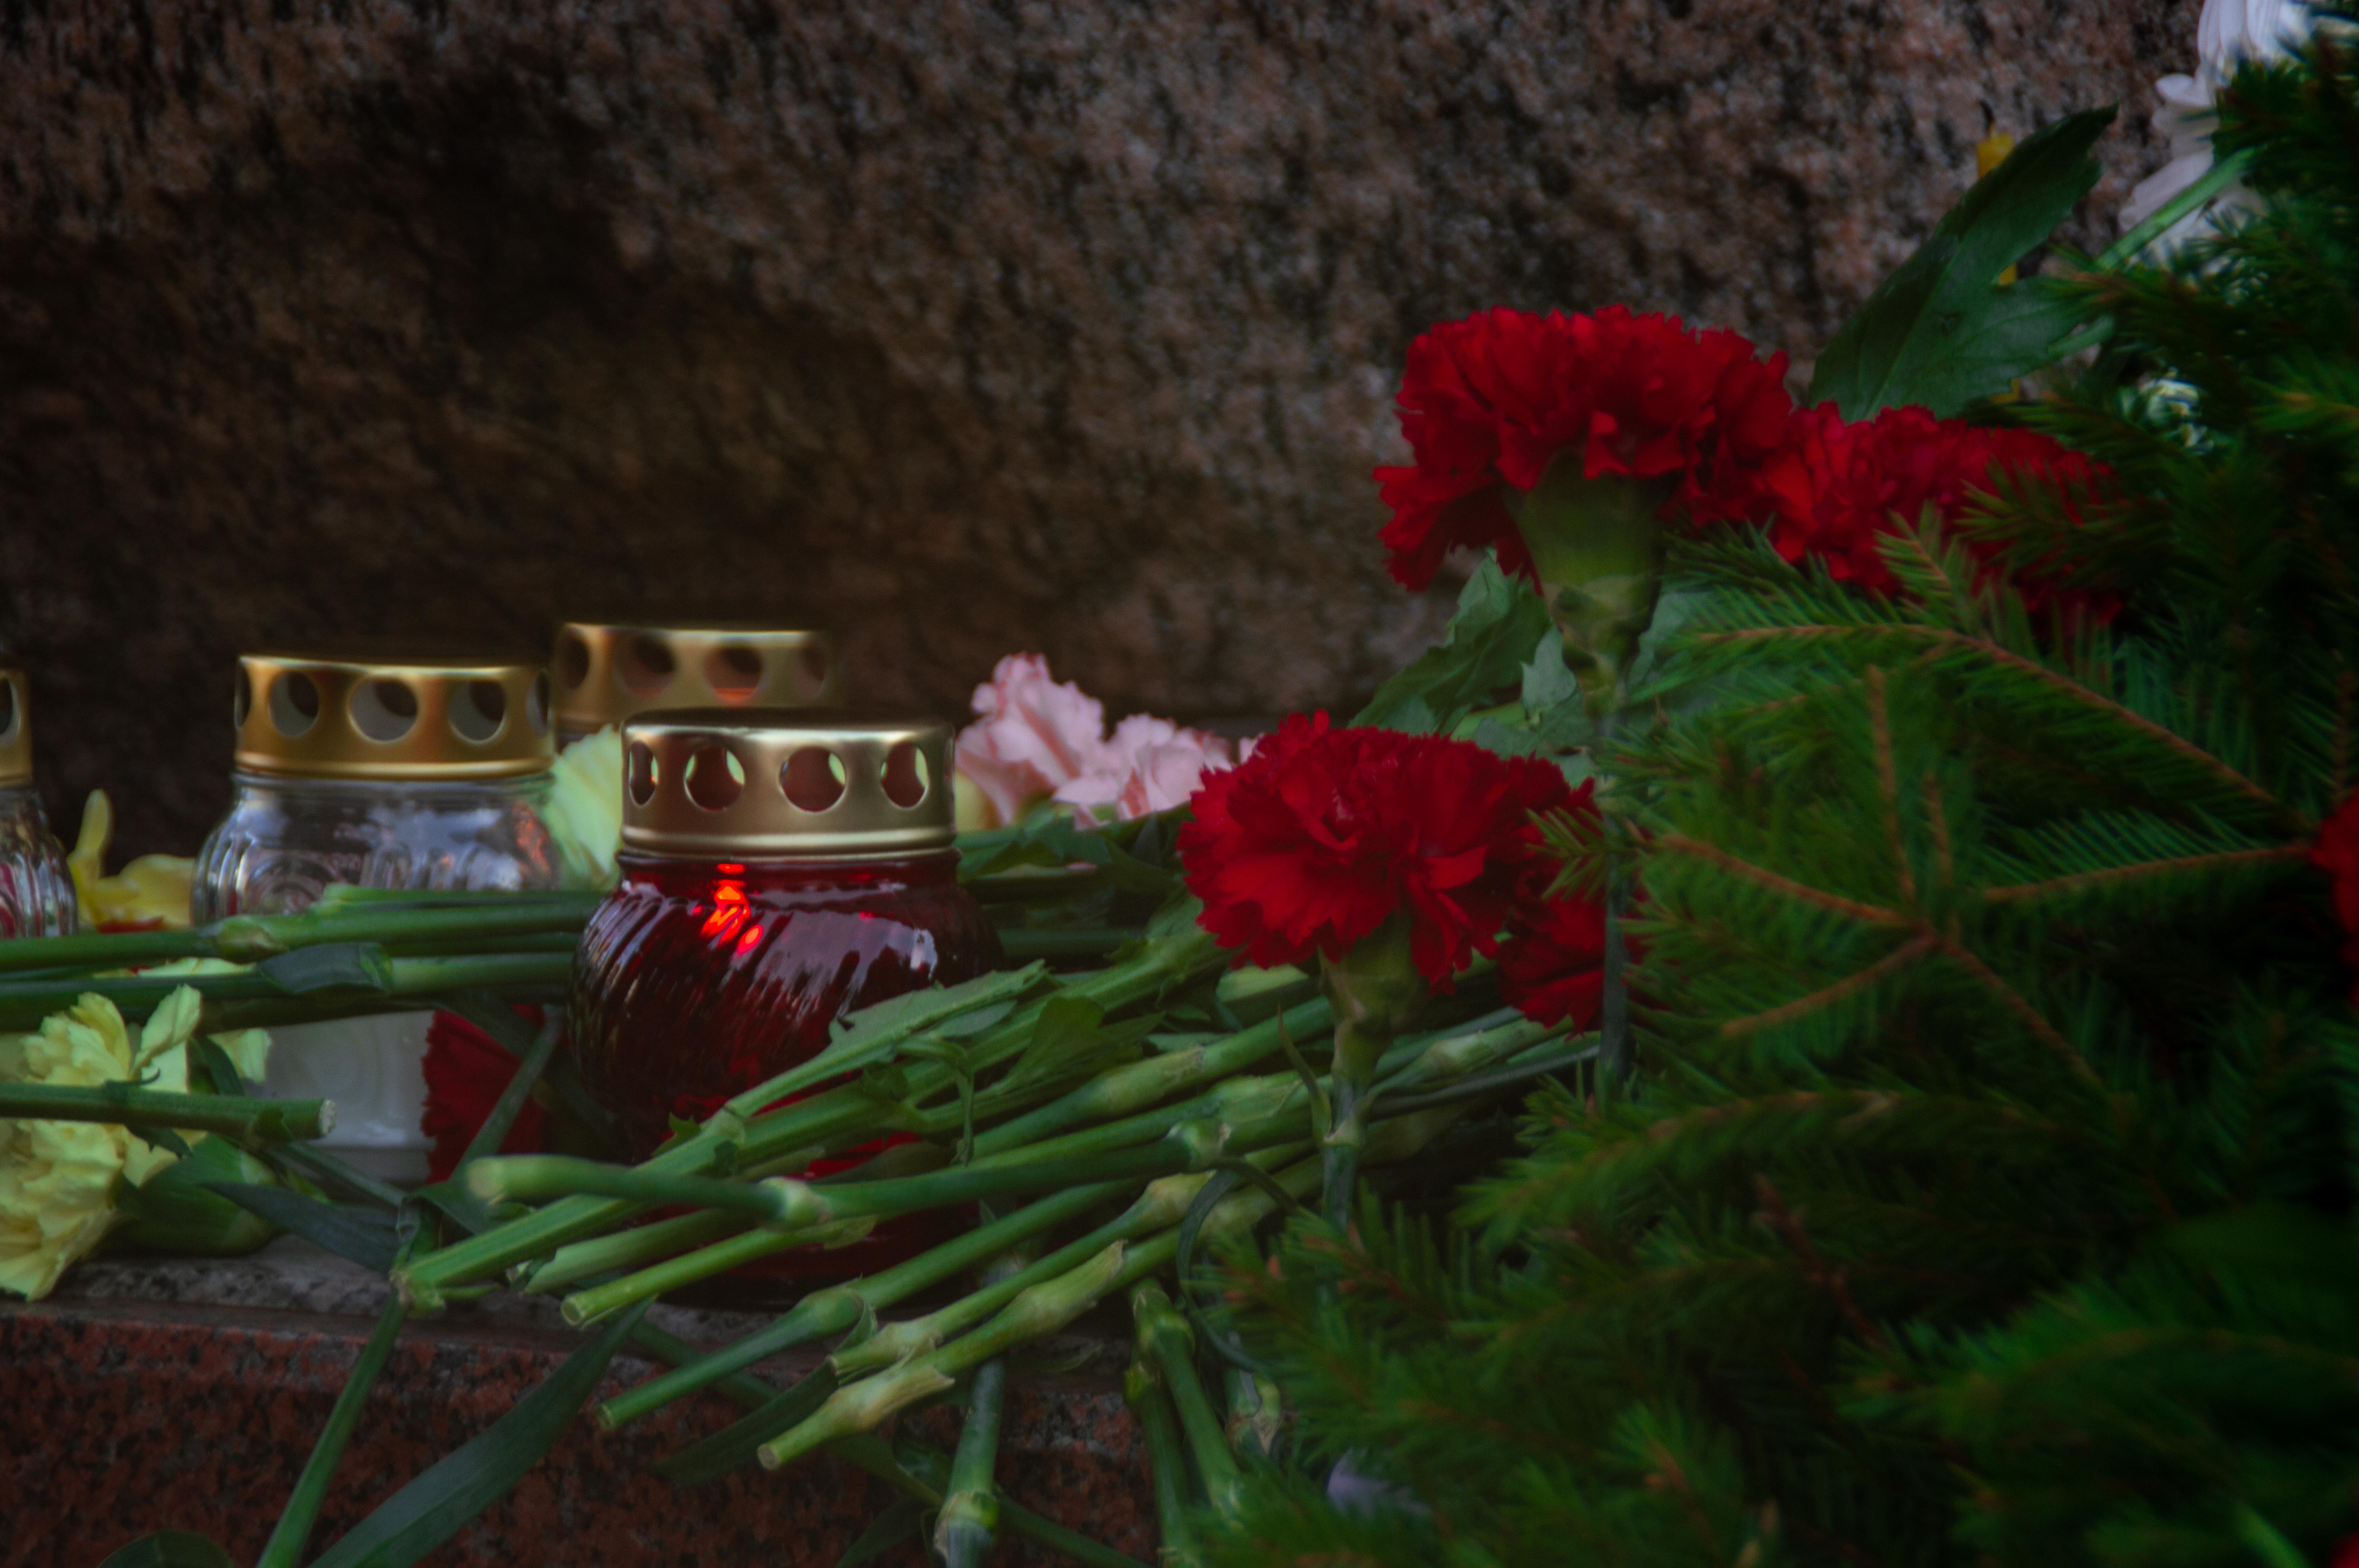 фото ЗакС политика Беглов и Макаров возложили цветы к бюсту Маргелова в честь Дня ВДВ